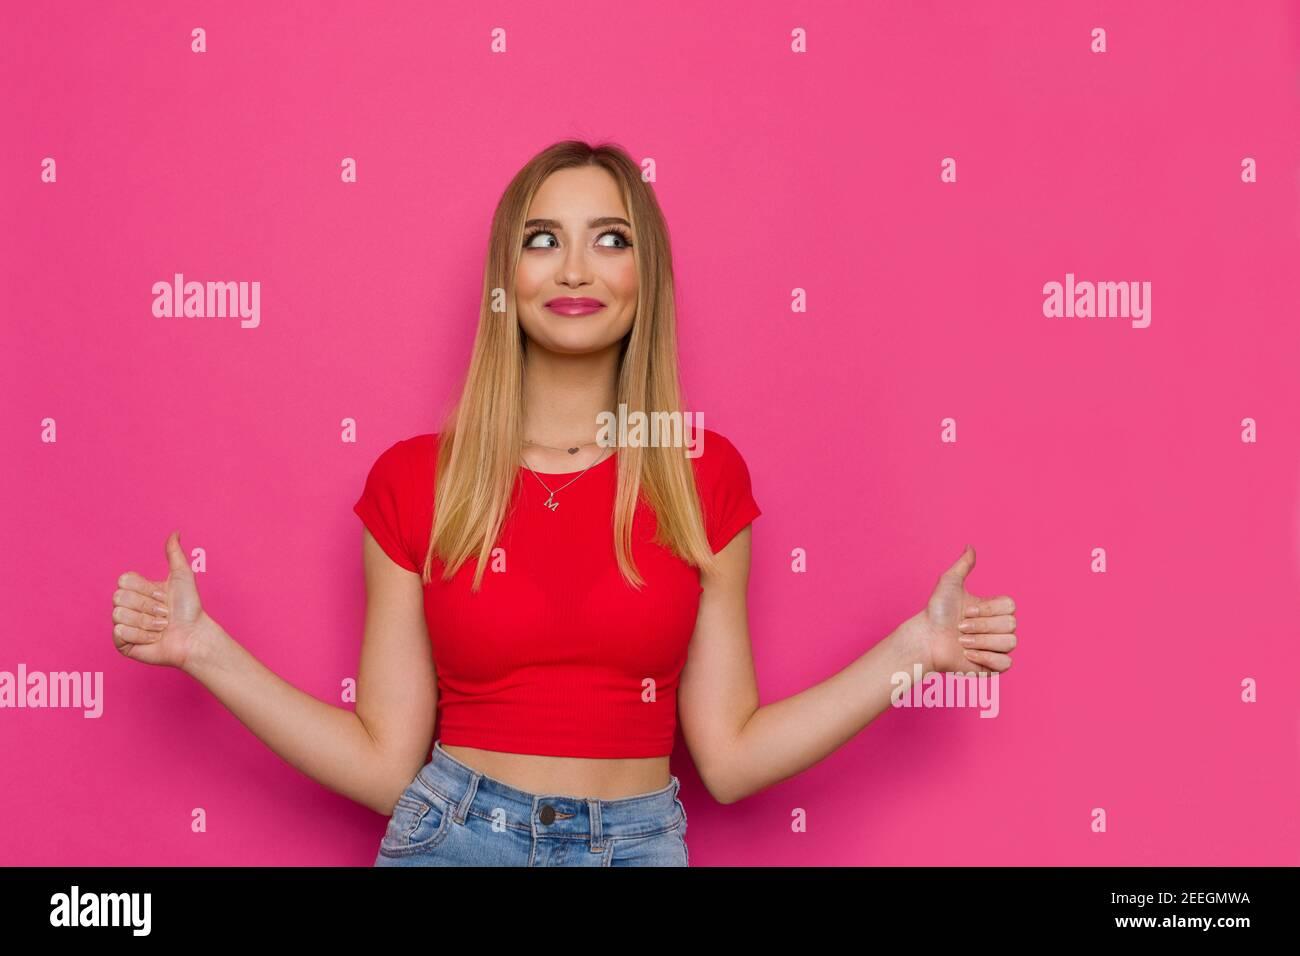 Mignon décontracté jeune femme en haut rouge montre les pouces vers le haut et regarde le côté. Taille haute studio tourné sur fond rose. Banque D'Images